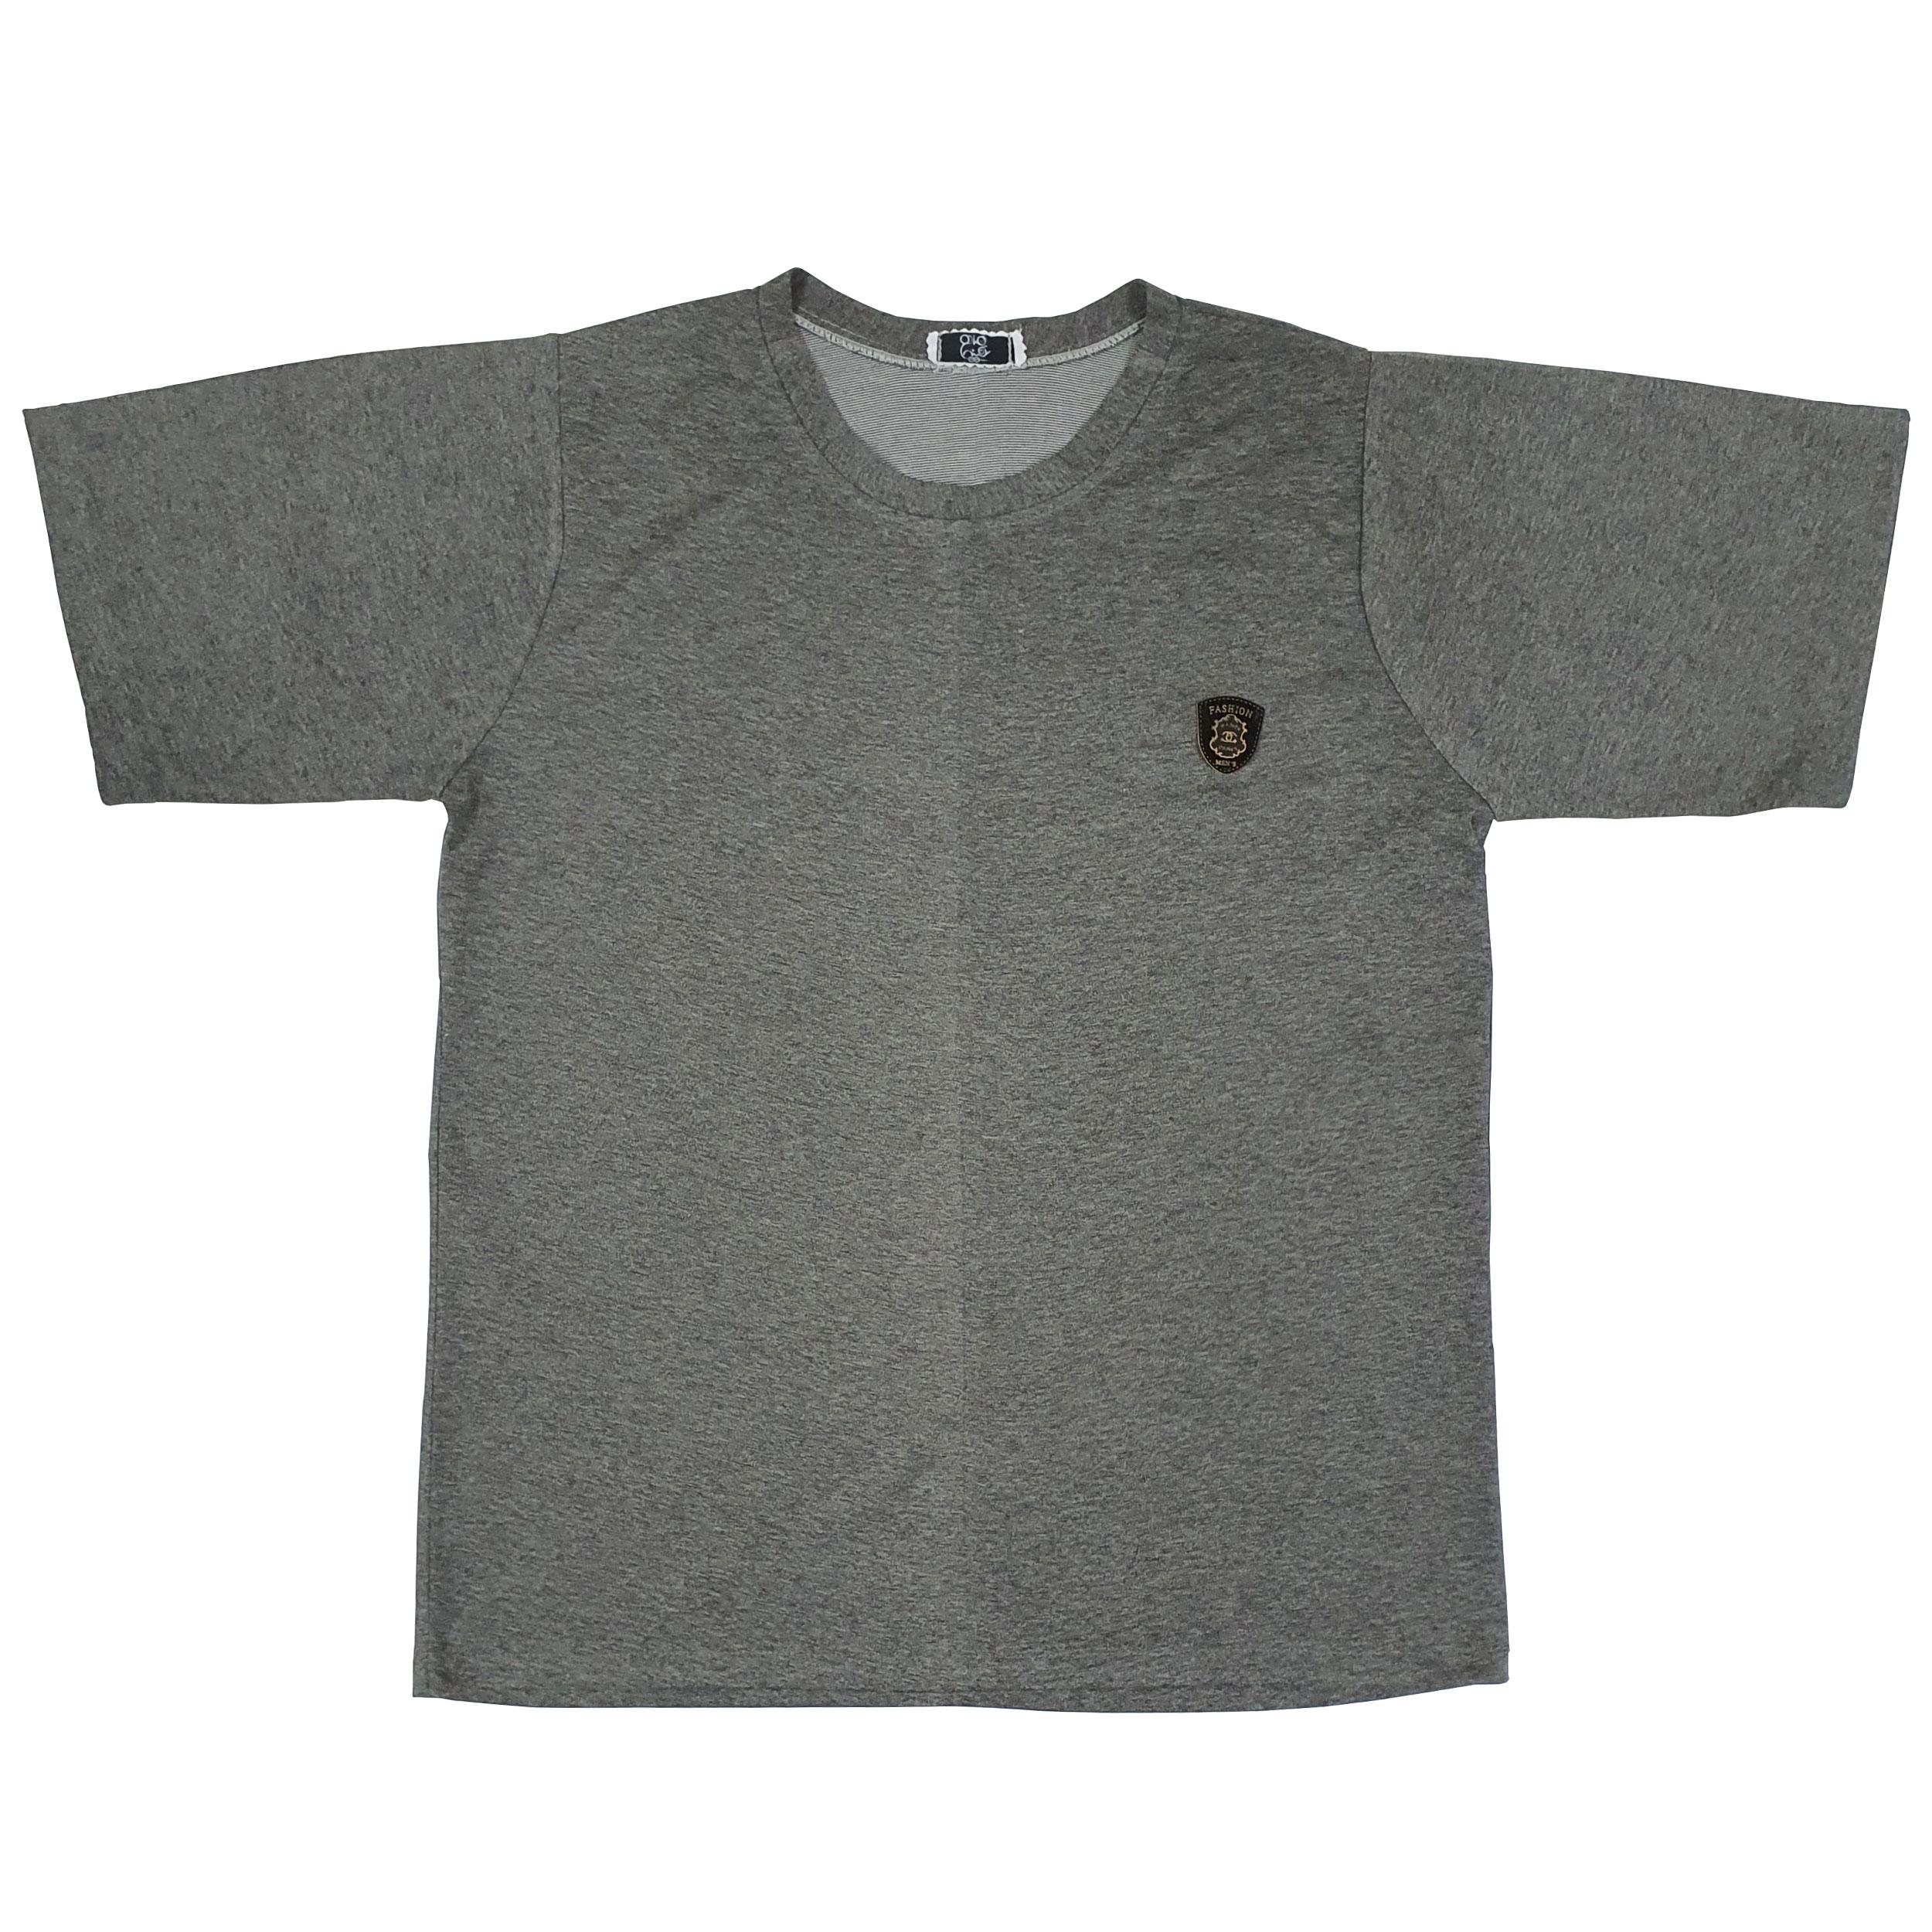 تی شرت آستین کوتاه مردانه مدل 18